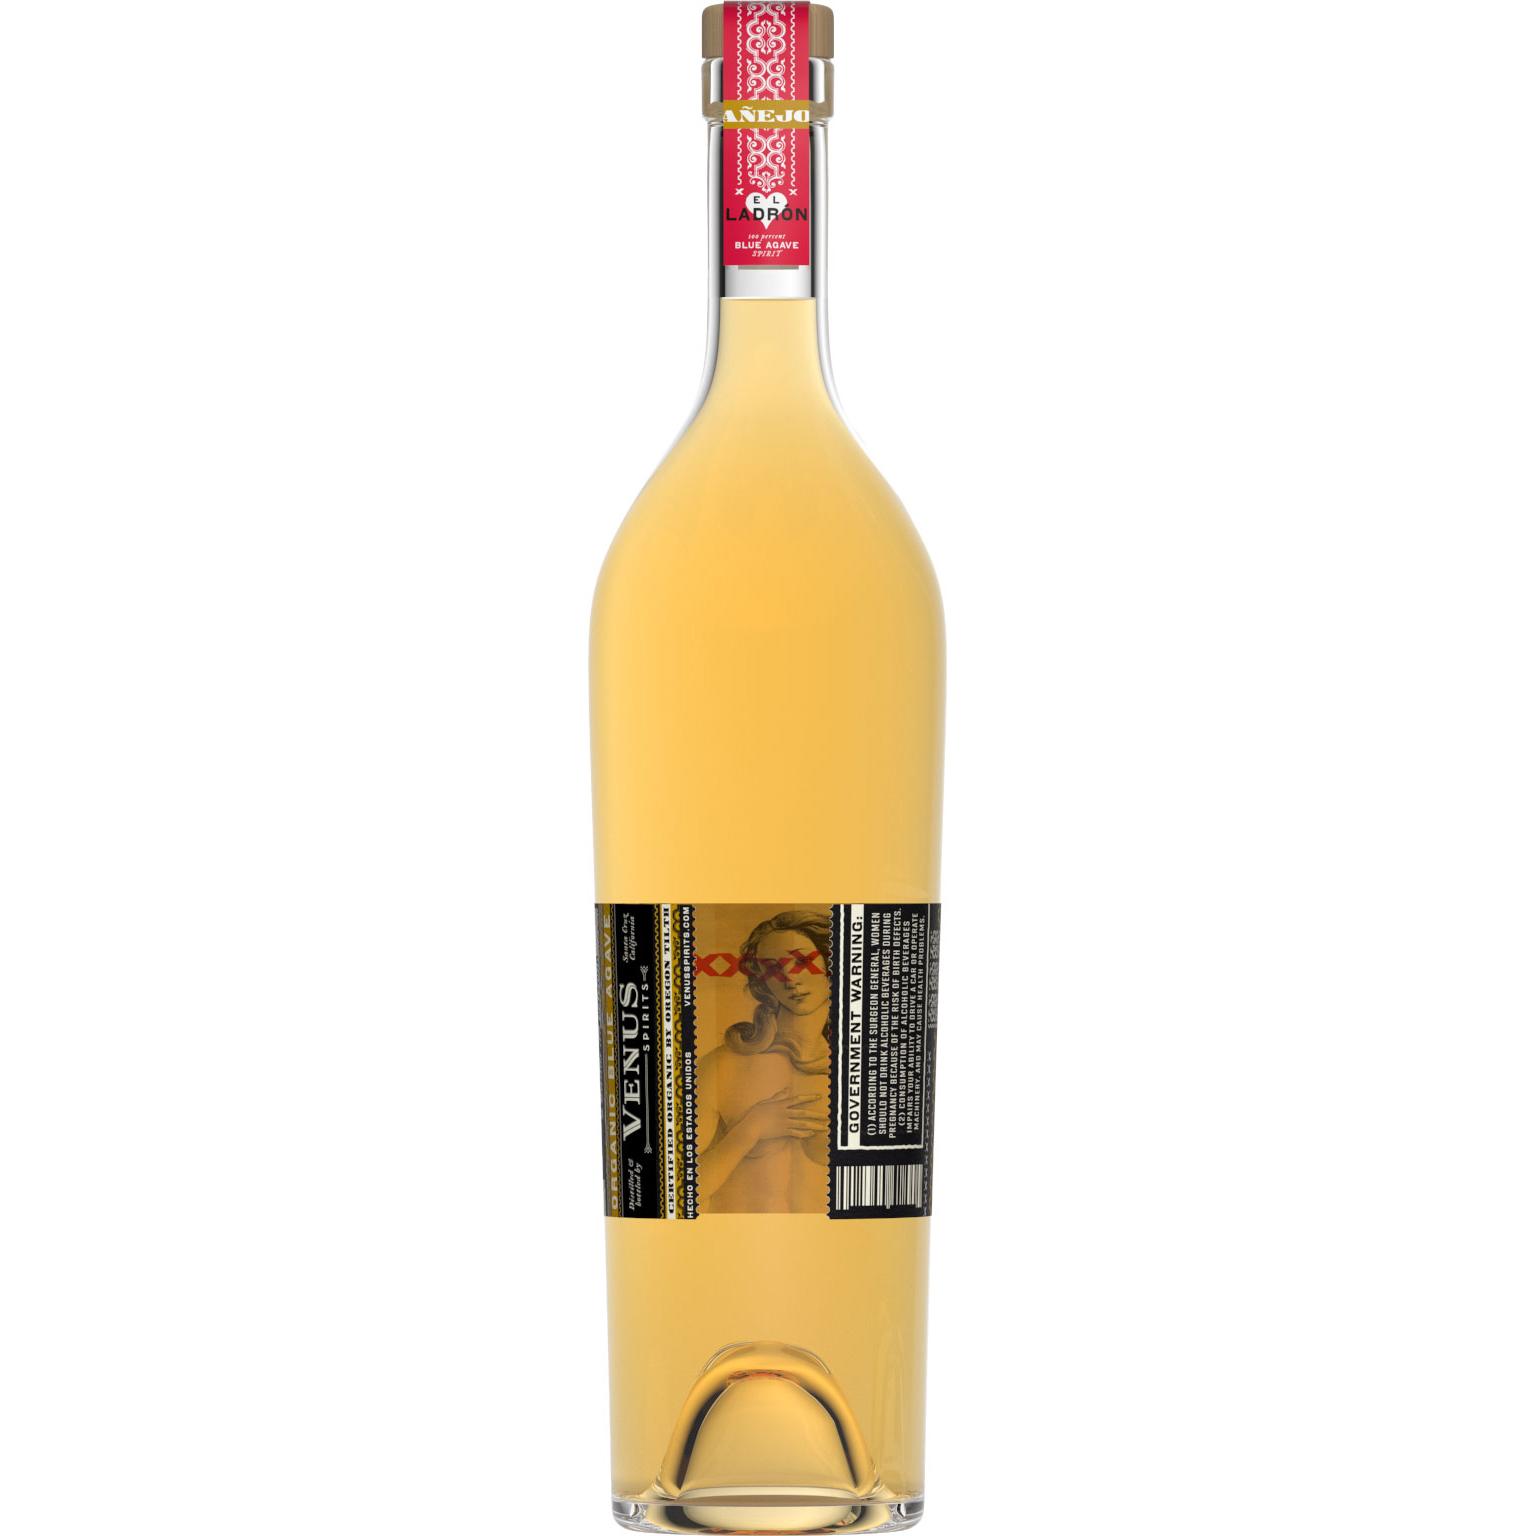 el-ladron-bottle_anejo-back.jpg